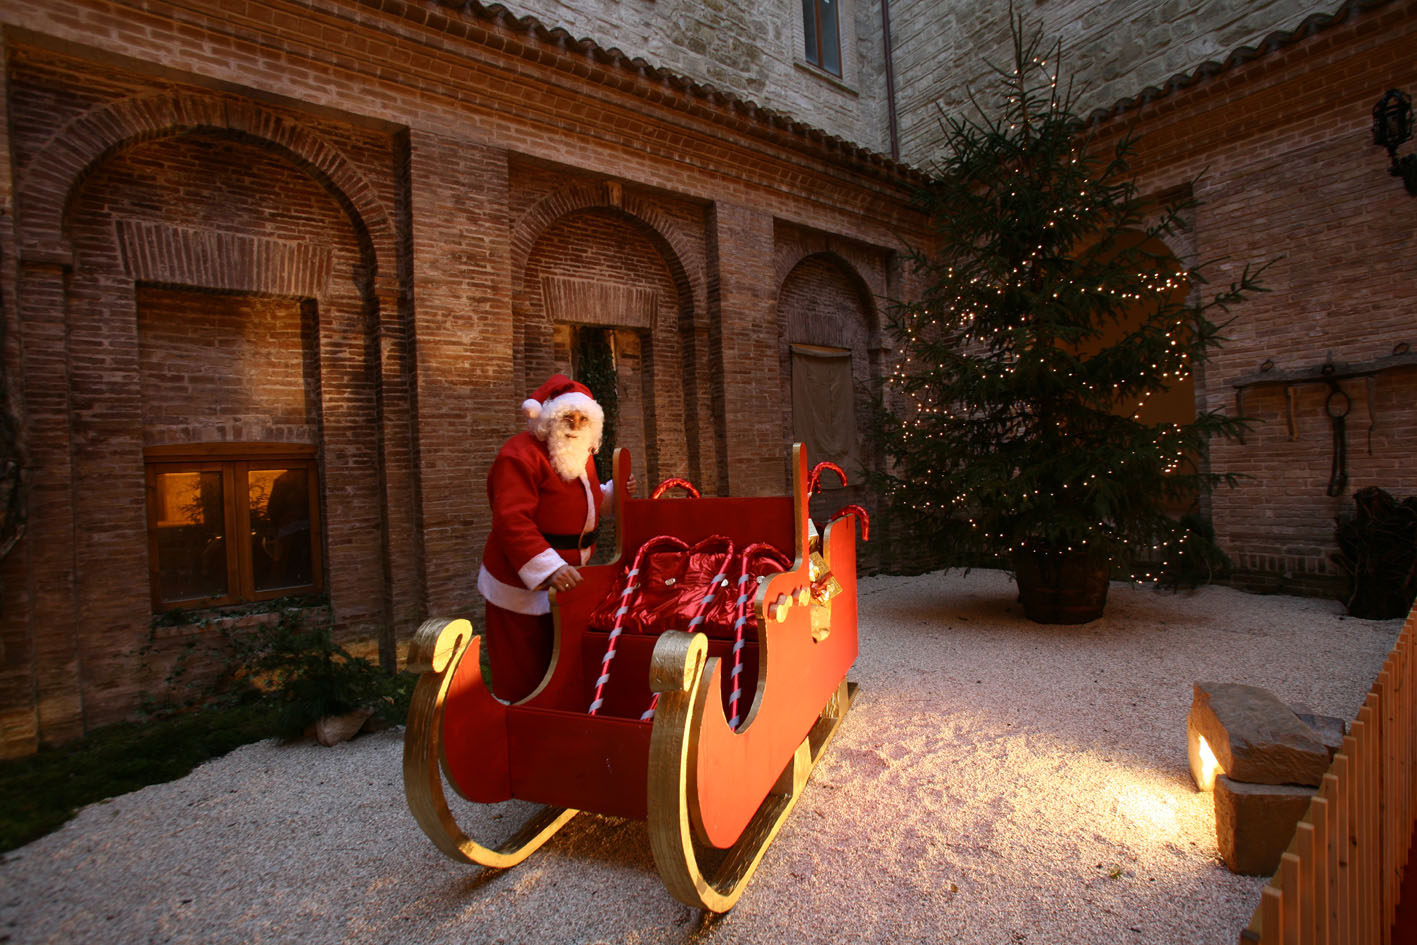 Casa Di Babbo Natale.A Camerino Riapre La Casa Di Babbo Natale Cronache Maceratesi